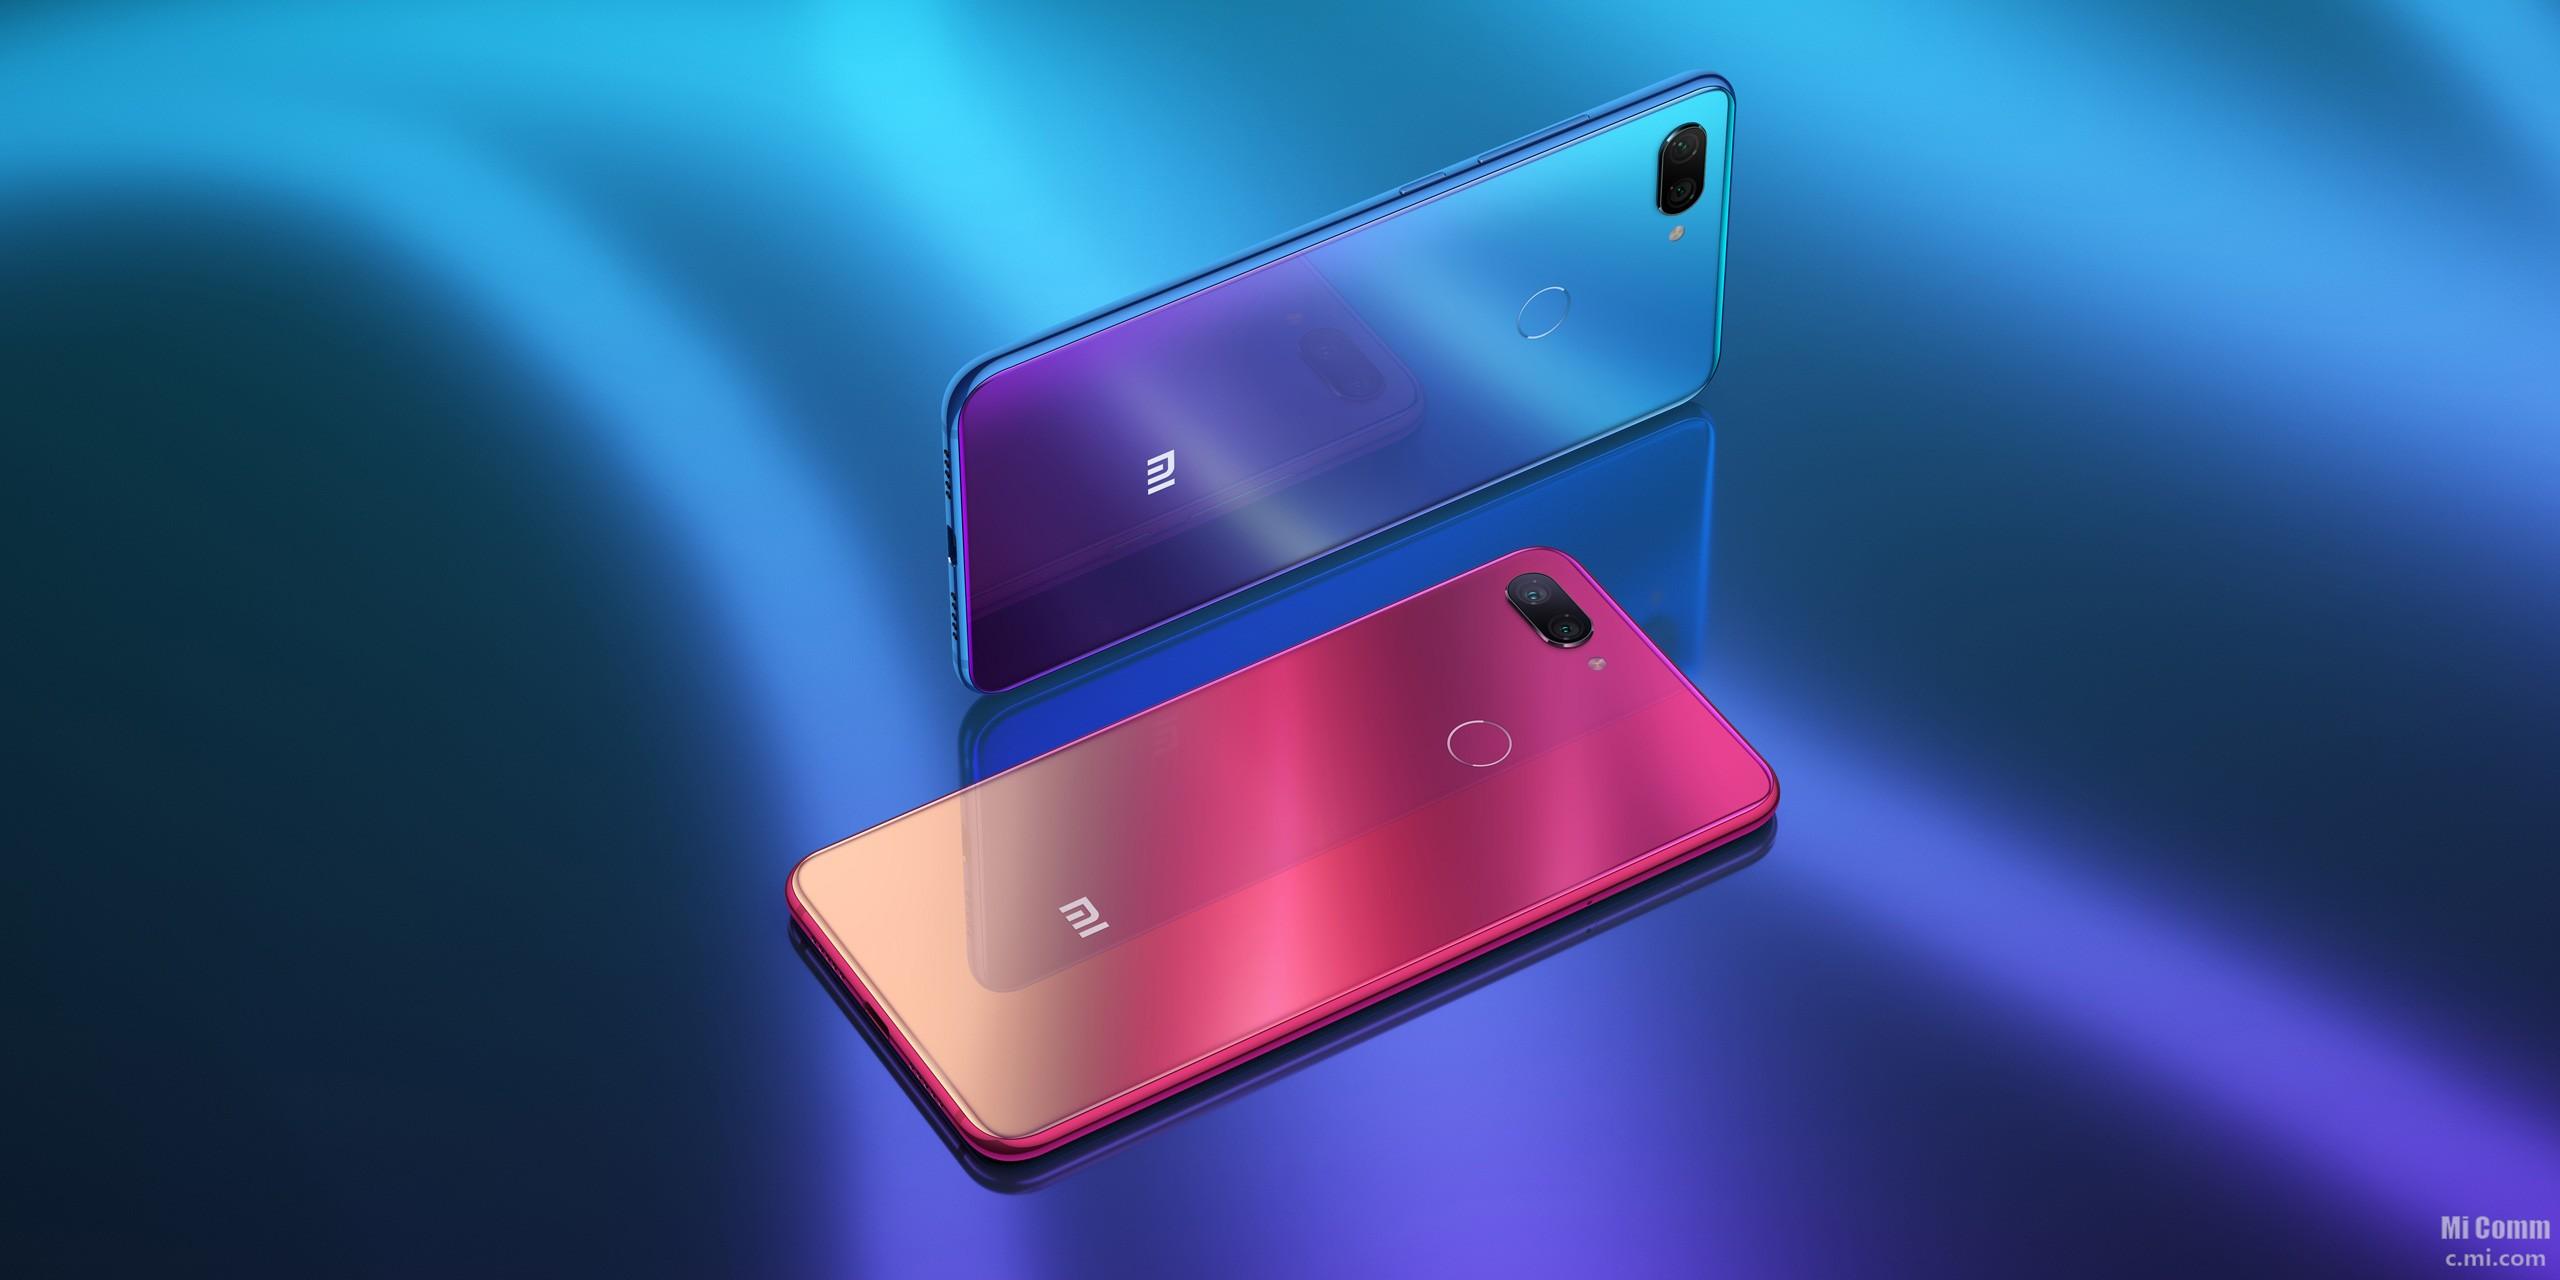 Xiaomi Mi 8 sở hữu thiết kế ngoại hình vô cùng ấn tượng